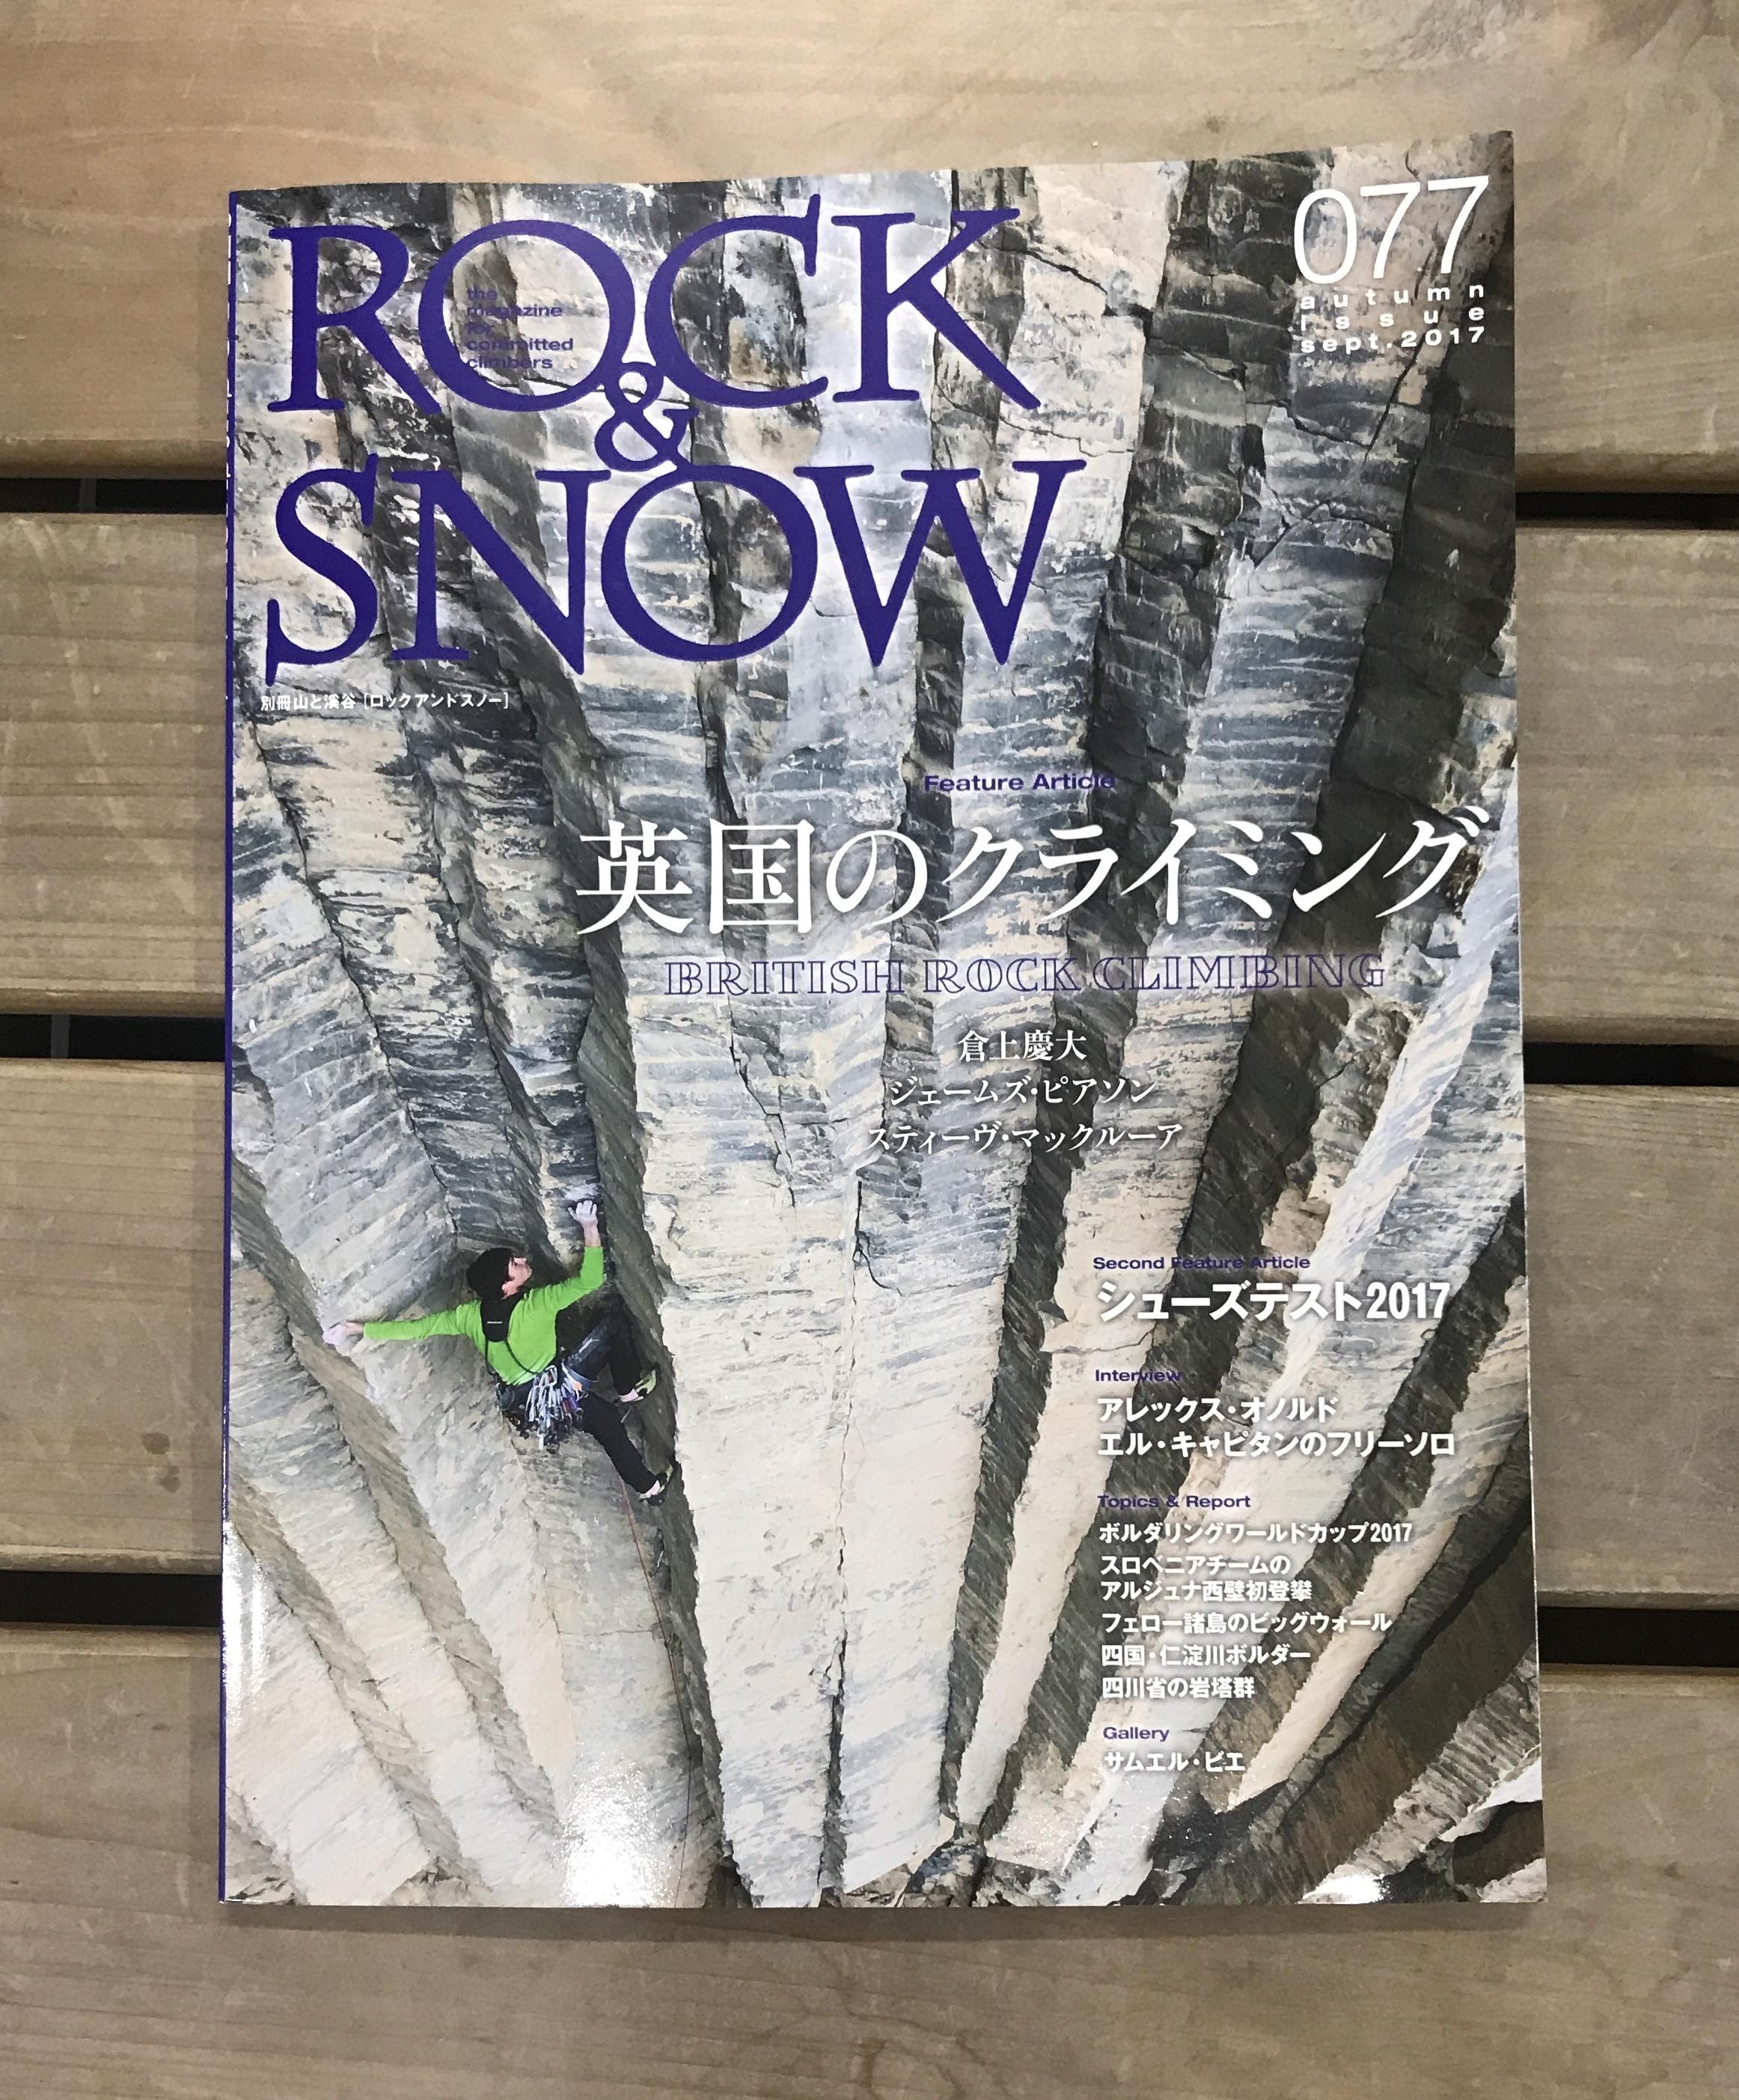 ロック&スノー 77号画像